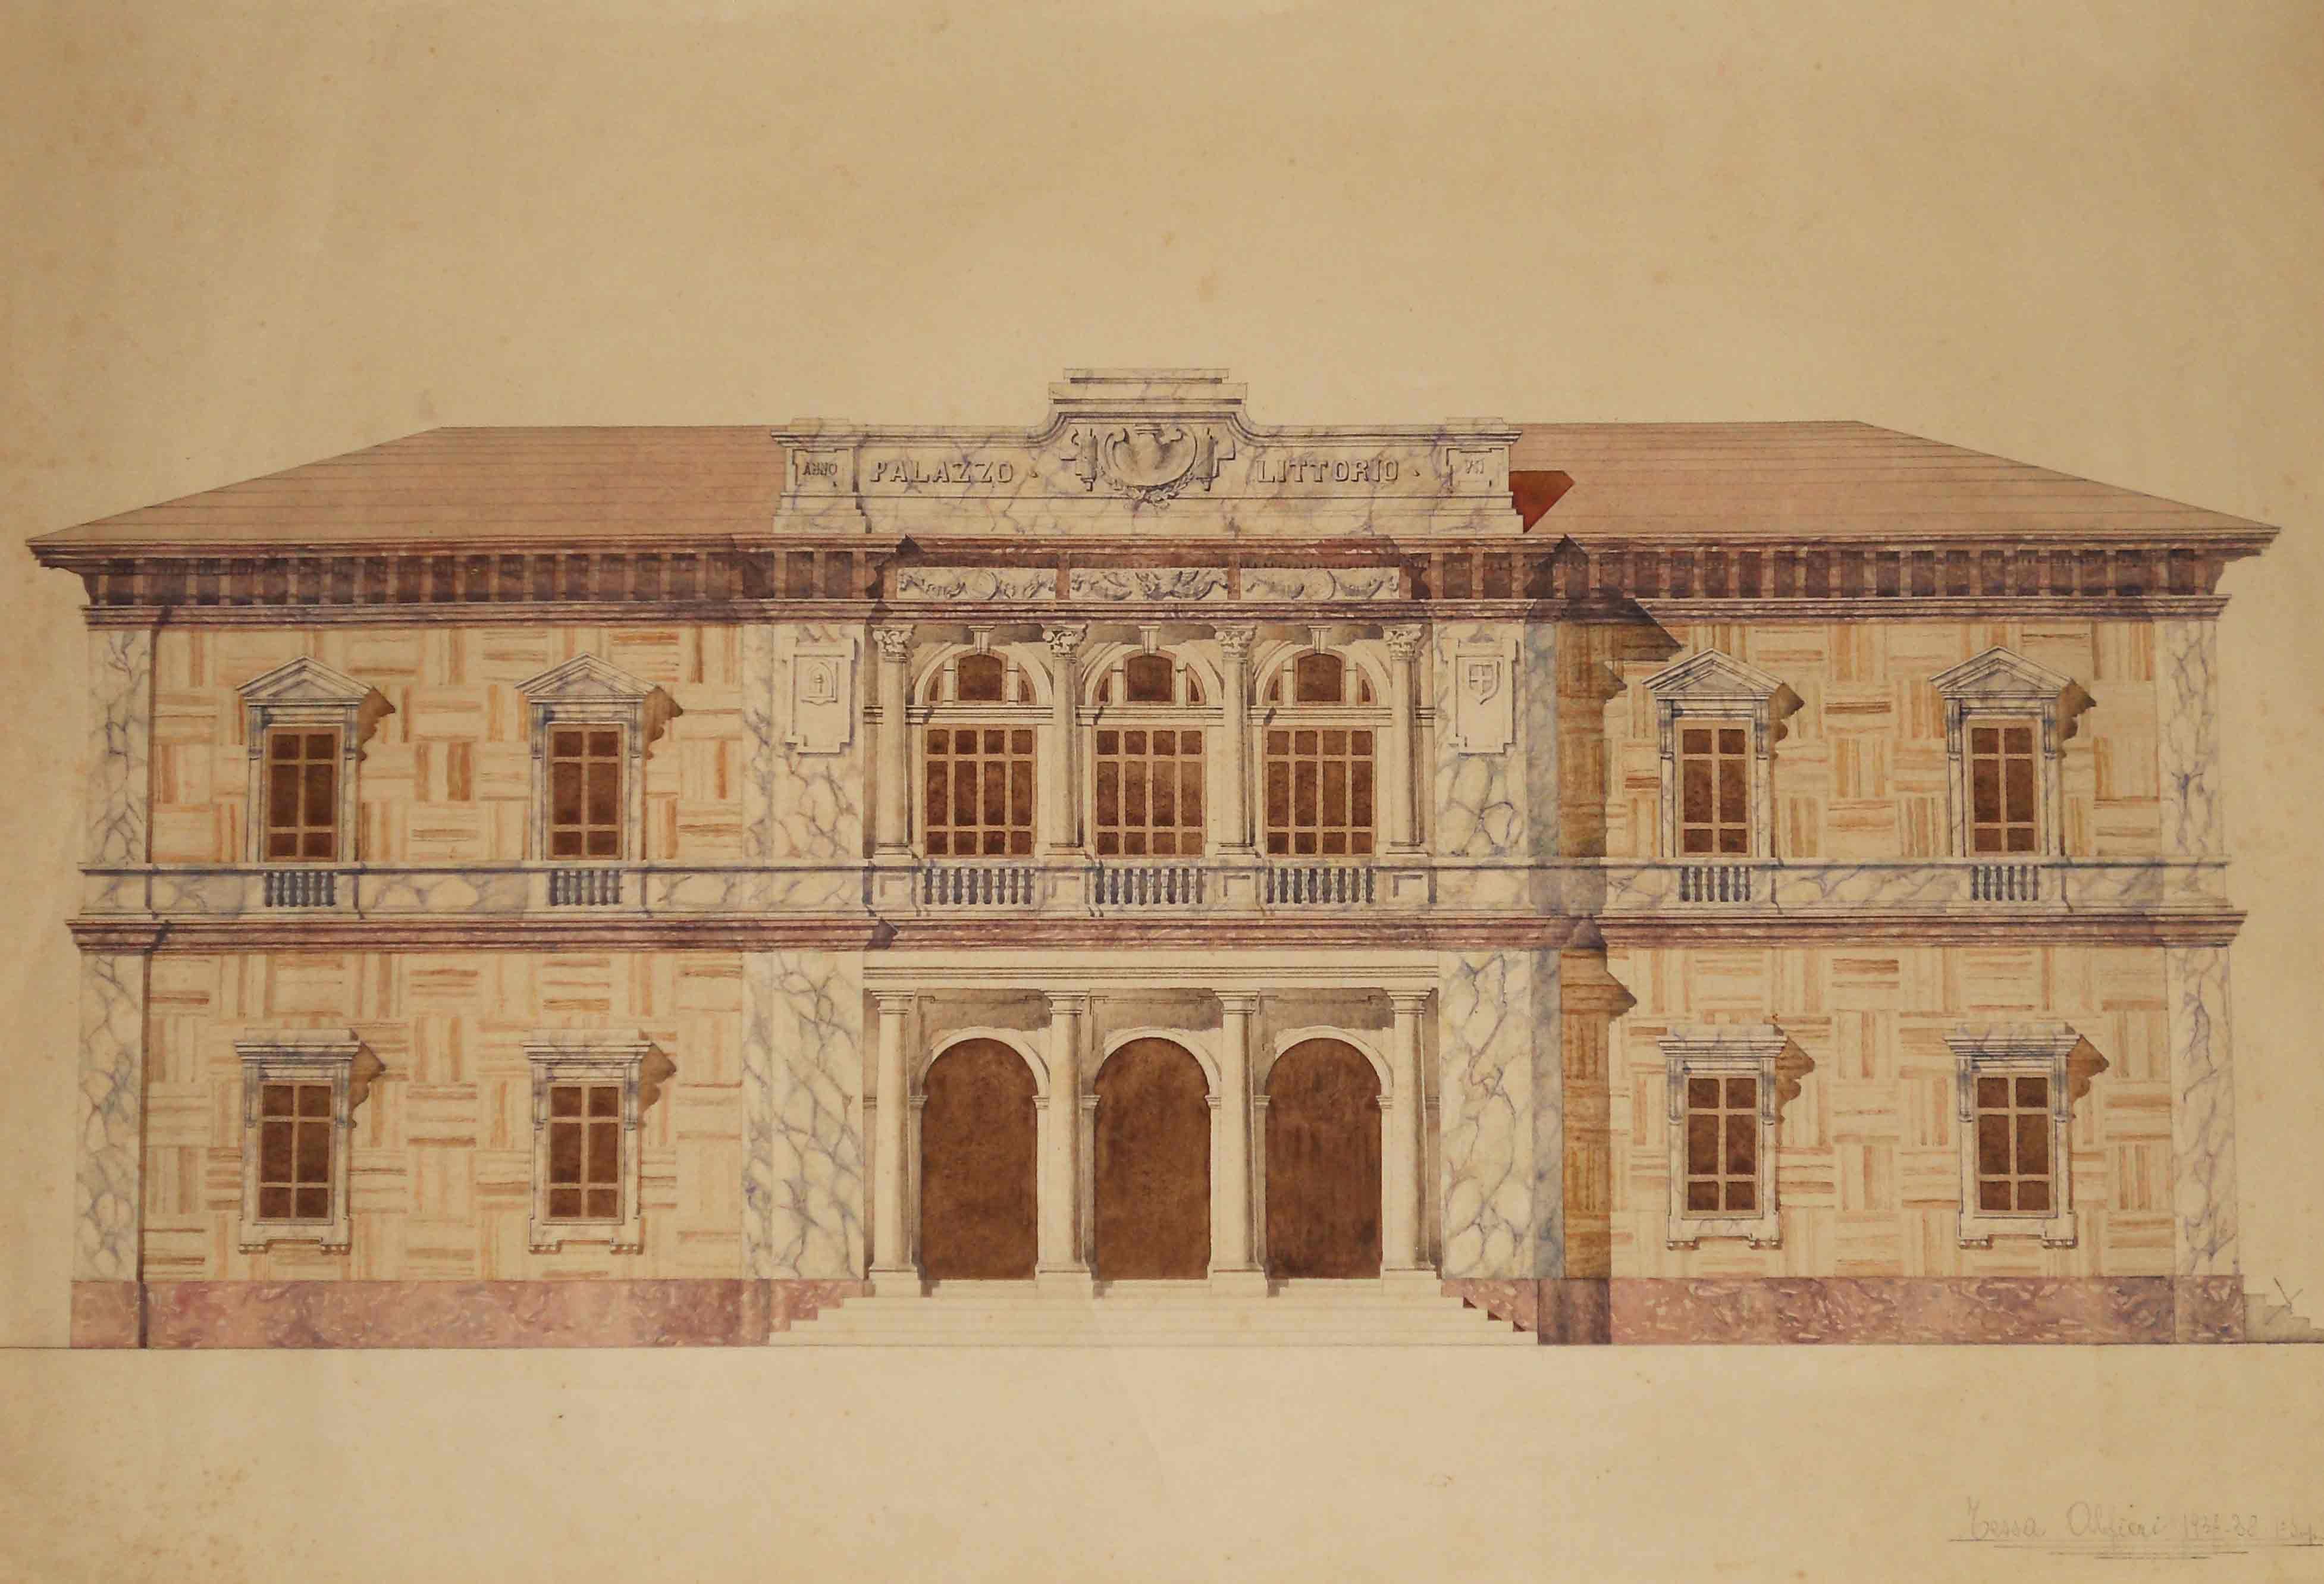 Progetto di casa del littorio attuale palazzo comunale di pietrasanta disegno ad acquerello - Disegno progetto casa ...